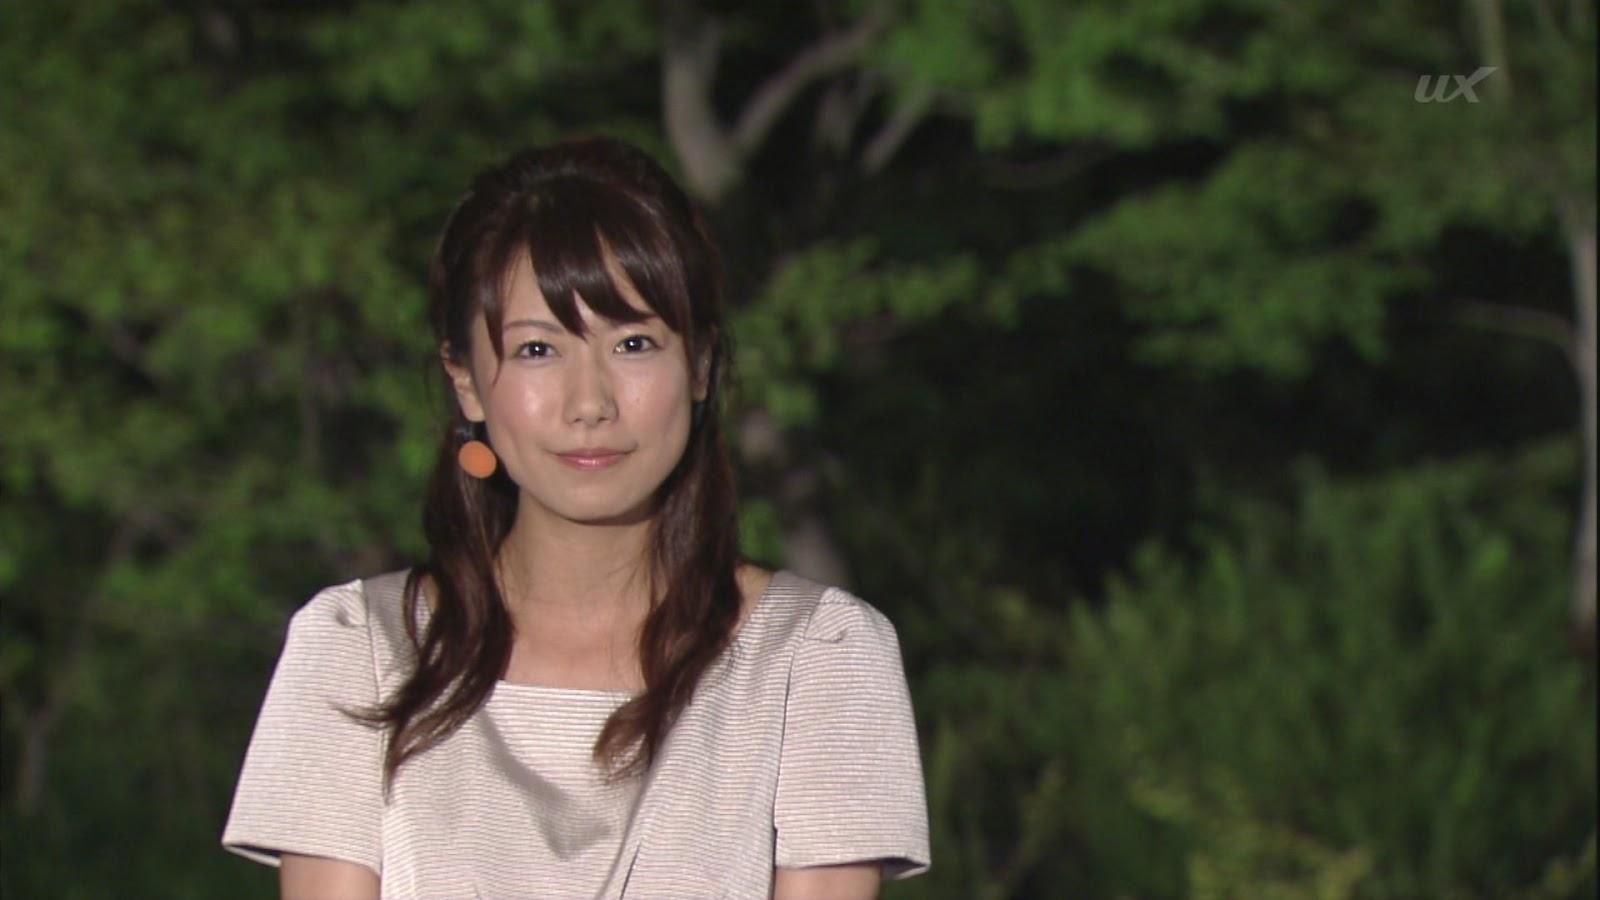 青山愛 (アナウンサー)の画像 p1_32